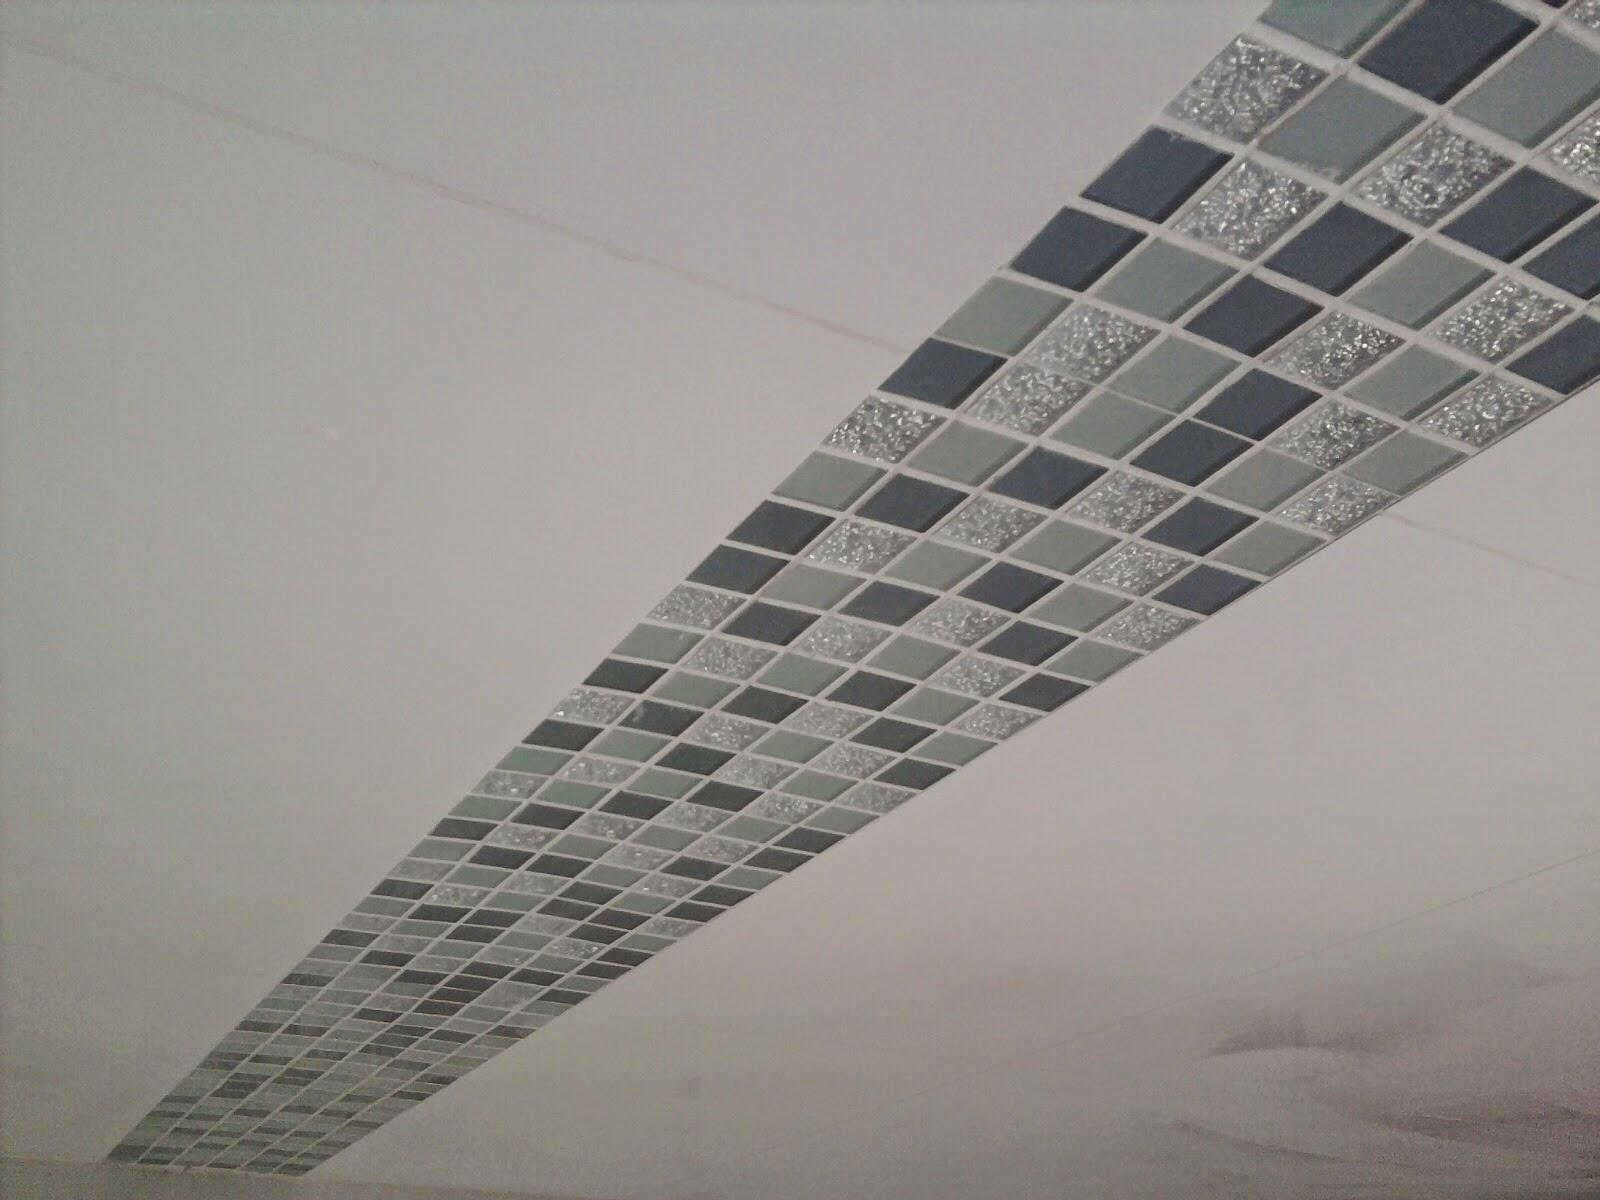 Imagens de #4B4F57  de laminado e azulejos em Caxias do Sul orçamentos pelo 99659815 com 1600x1200 px 2322 Box De Vidro Para Banheiro Caxias Do Sul